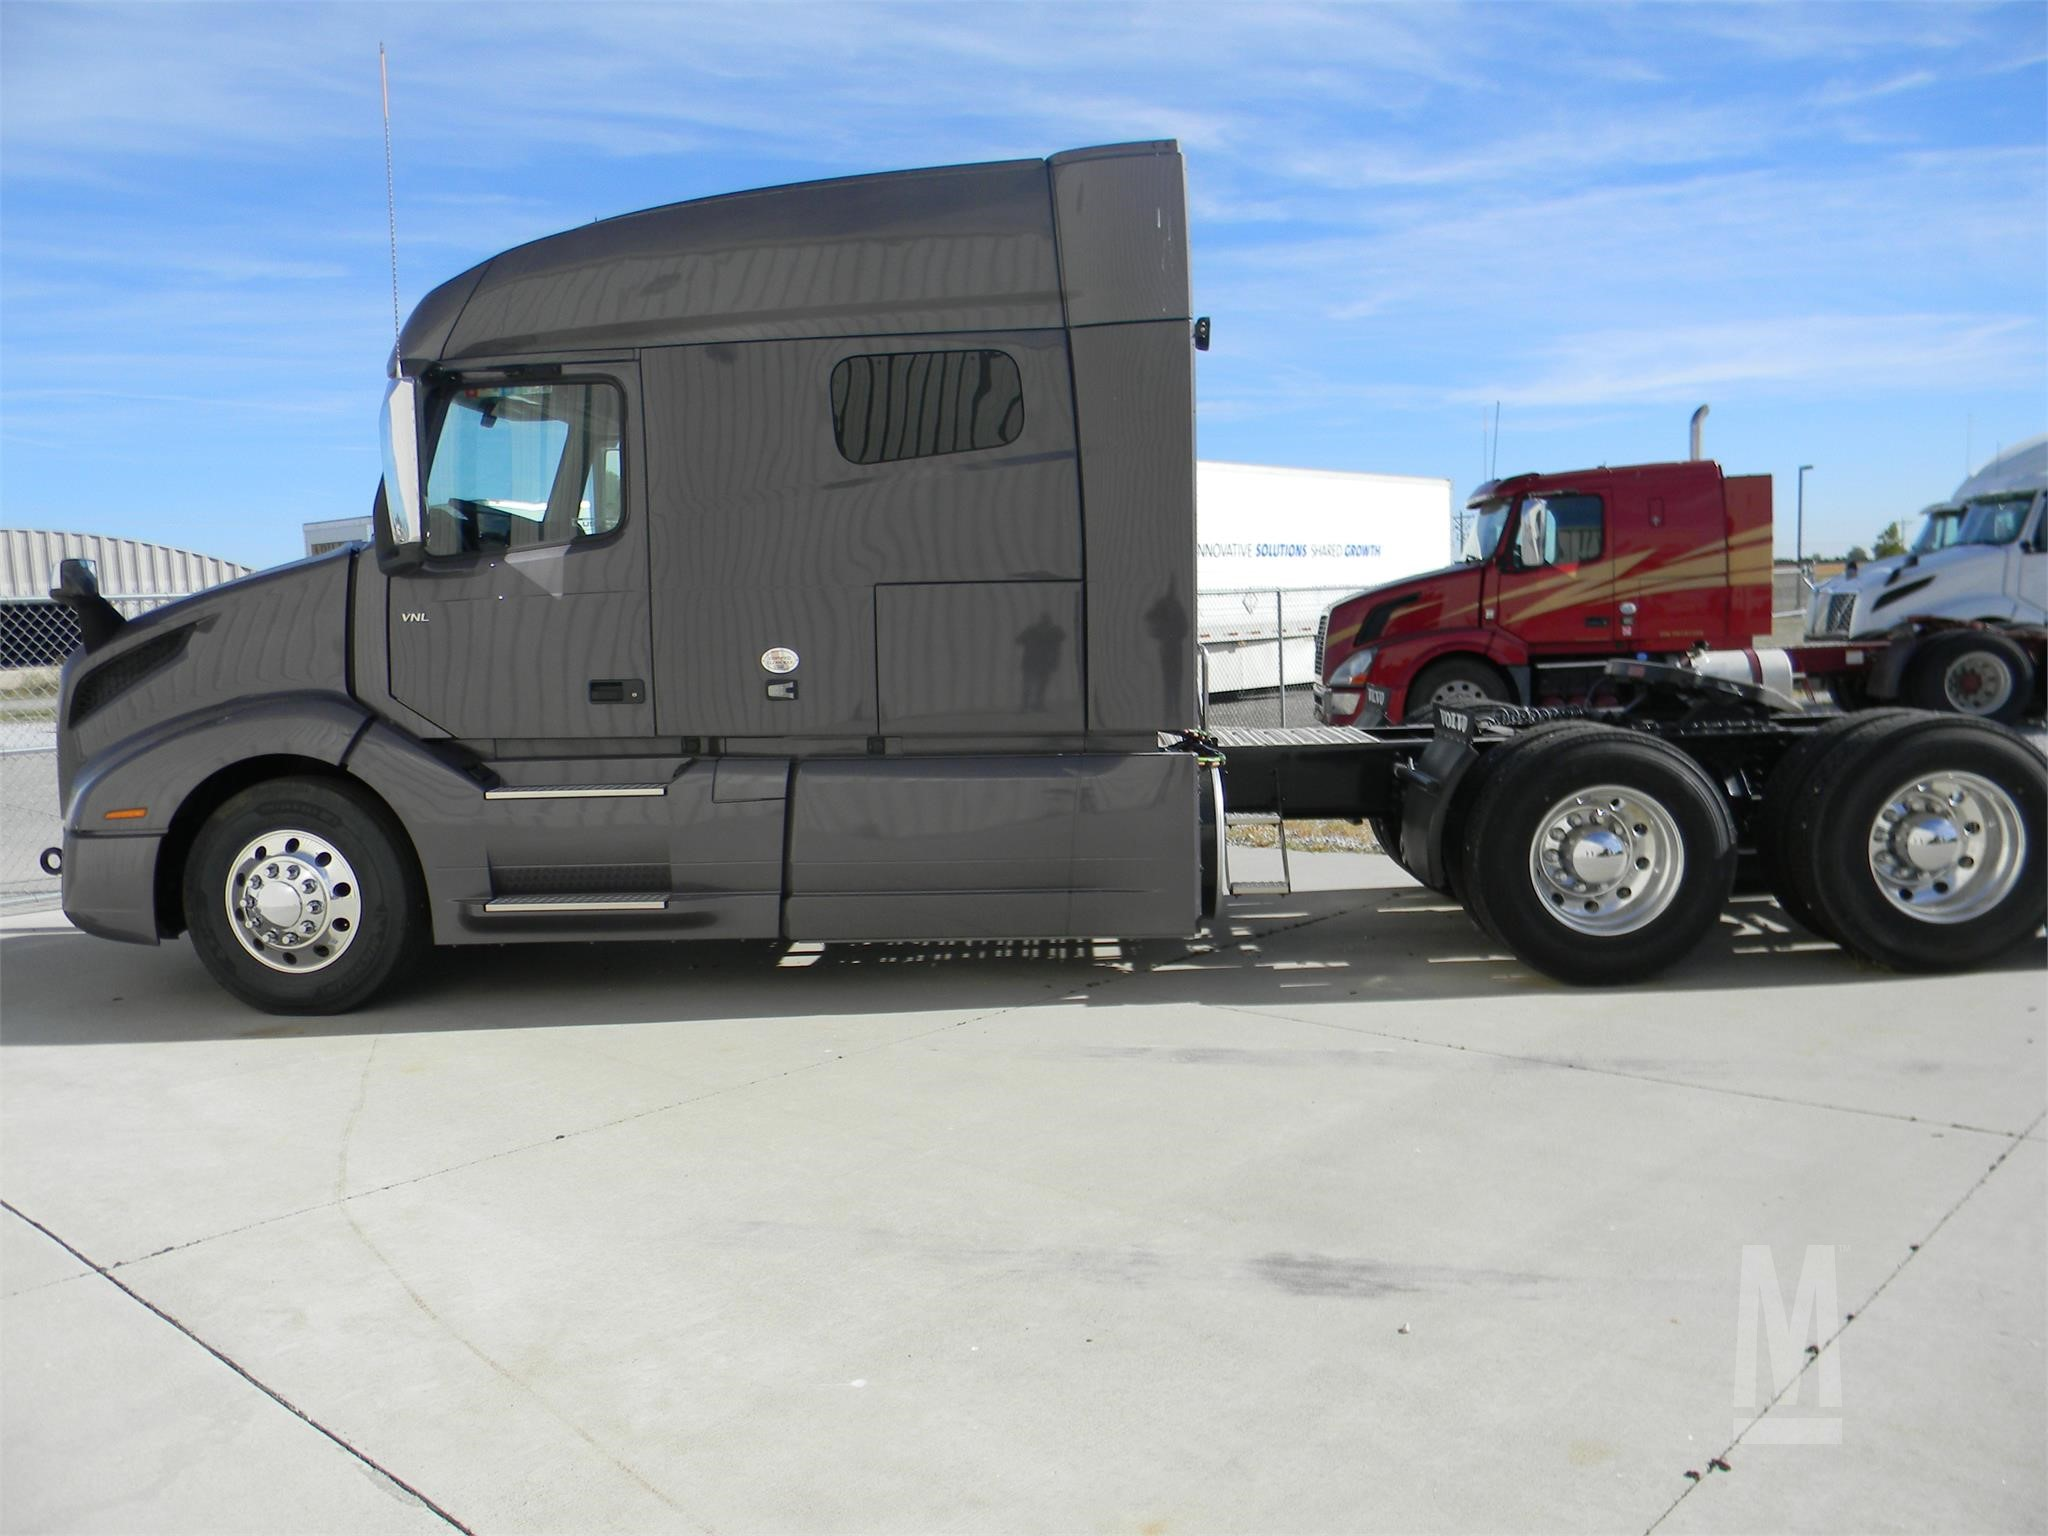 2020 Volvo Vnl64t740 For Sale In Omaha Nebraska Marketbook Ca